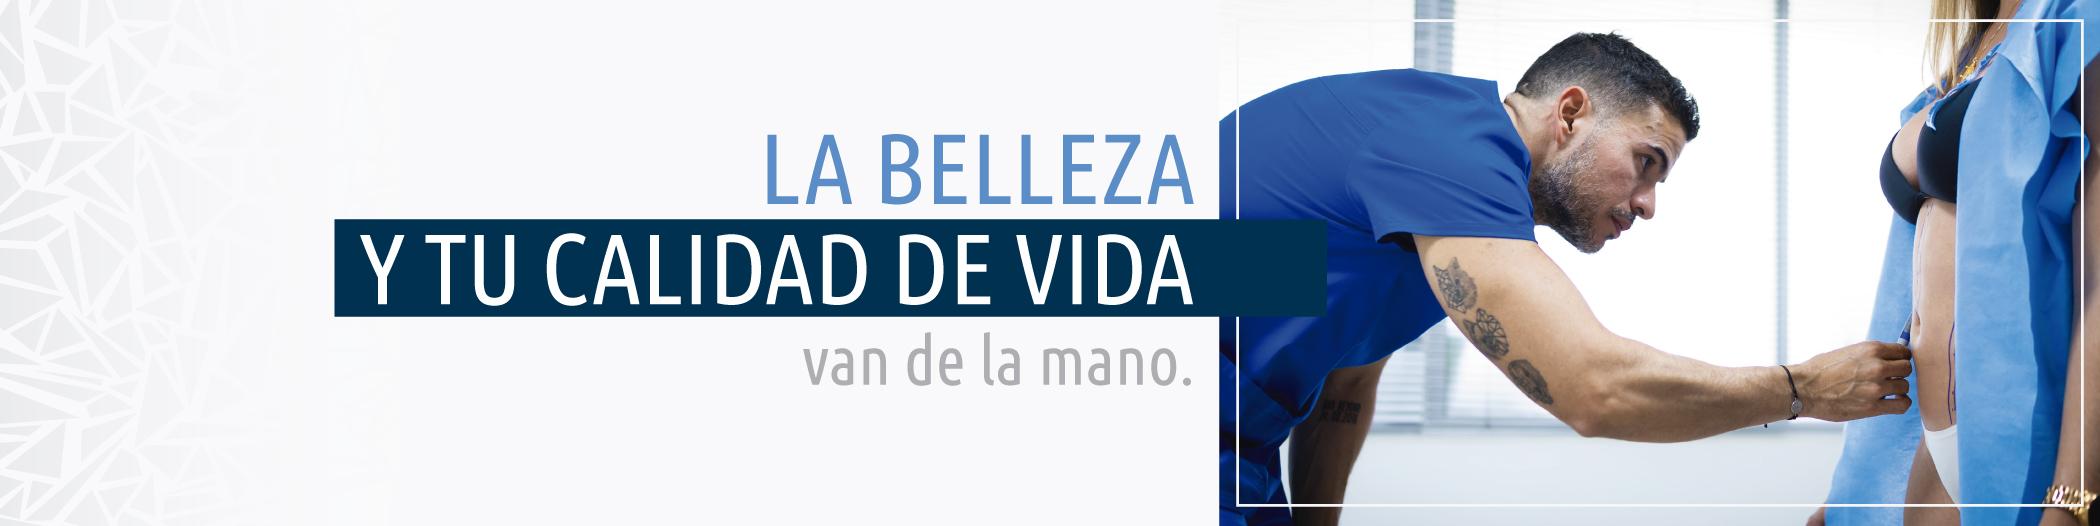 La belleza y tu calidad de vida | CECM Colombia - Dr. Álvaro Hernán Rodriguez